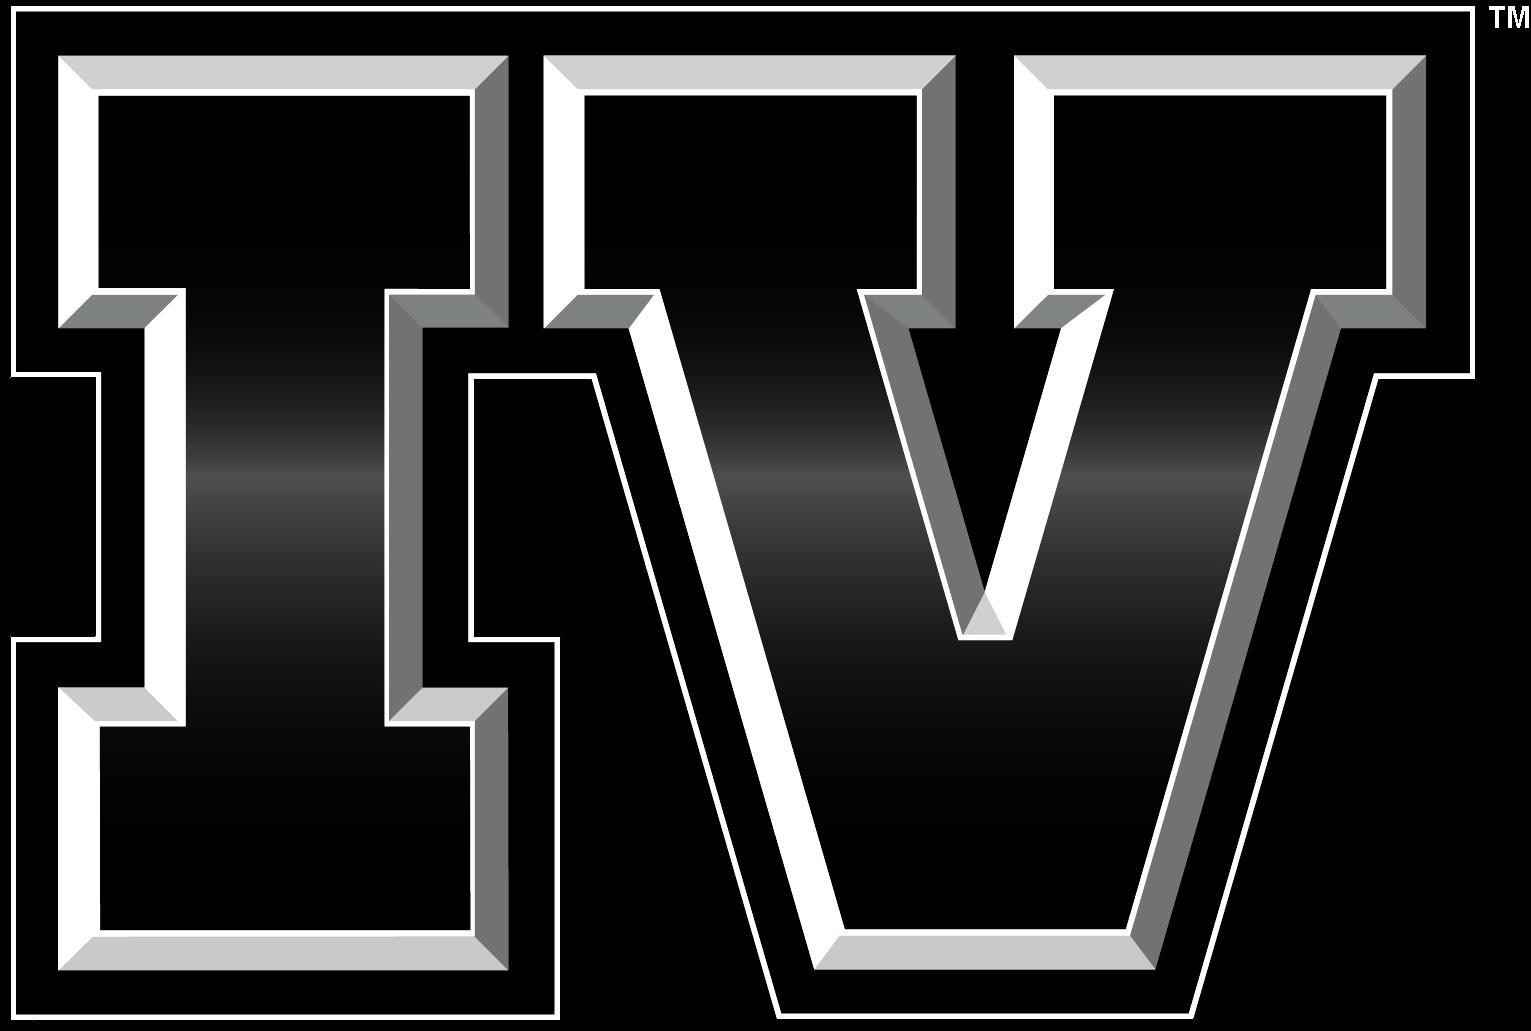 دانلود نرم افزارSPARK IVبرای اضافه کردن ماشین به بازی GTA IV